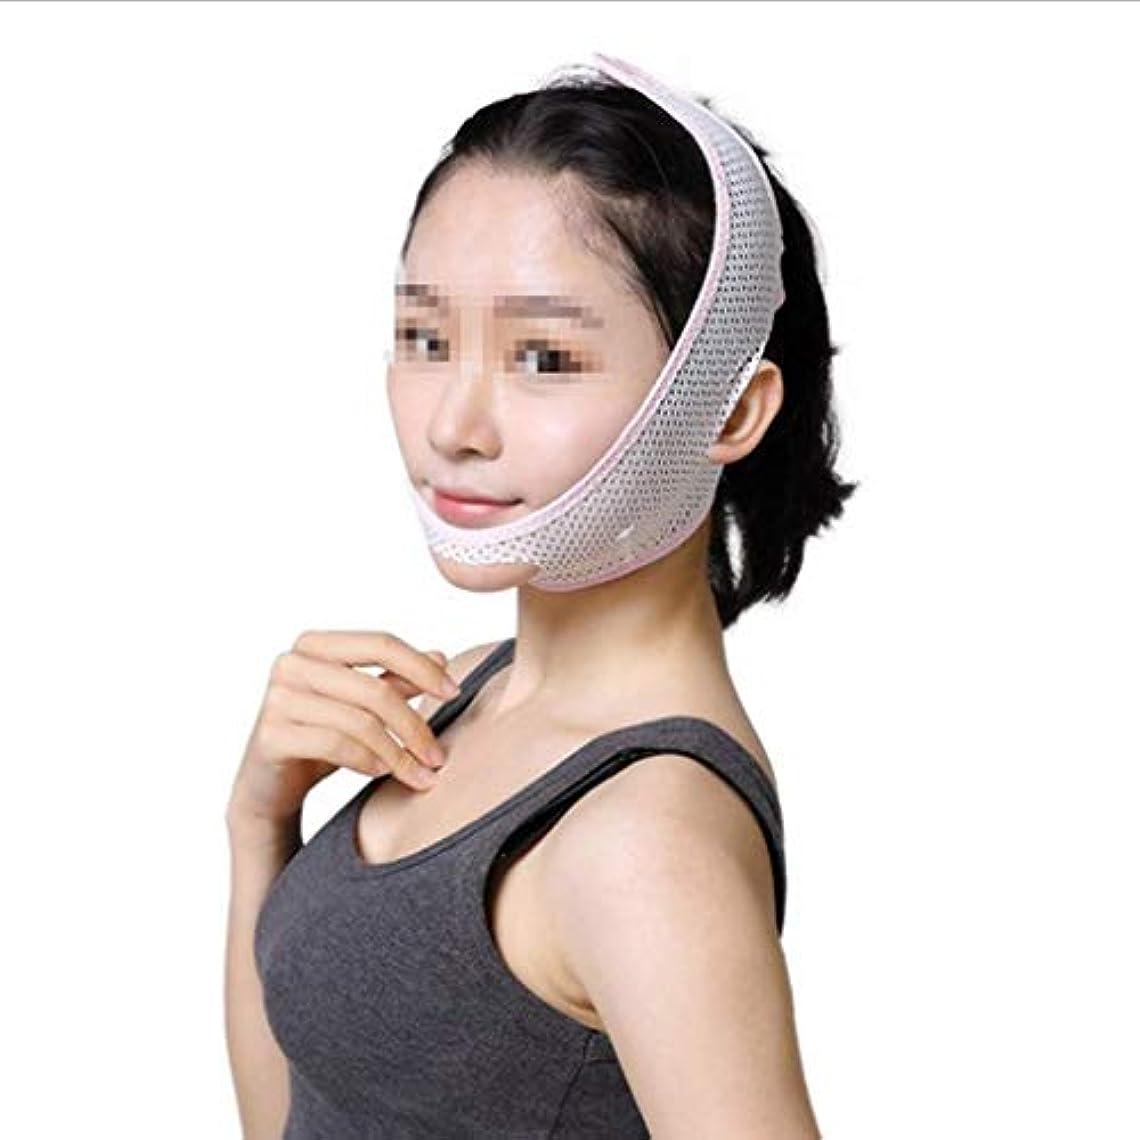 作成者確実翻訳する超薄型通気性フェイスマスク、包帯Vフェイスマスクフェイスリフティングファーミングダブルチンシンフェイスベルト(サイズ:M)